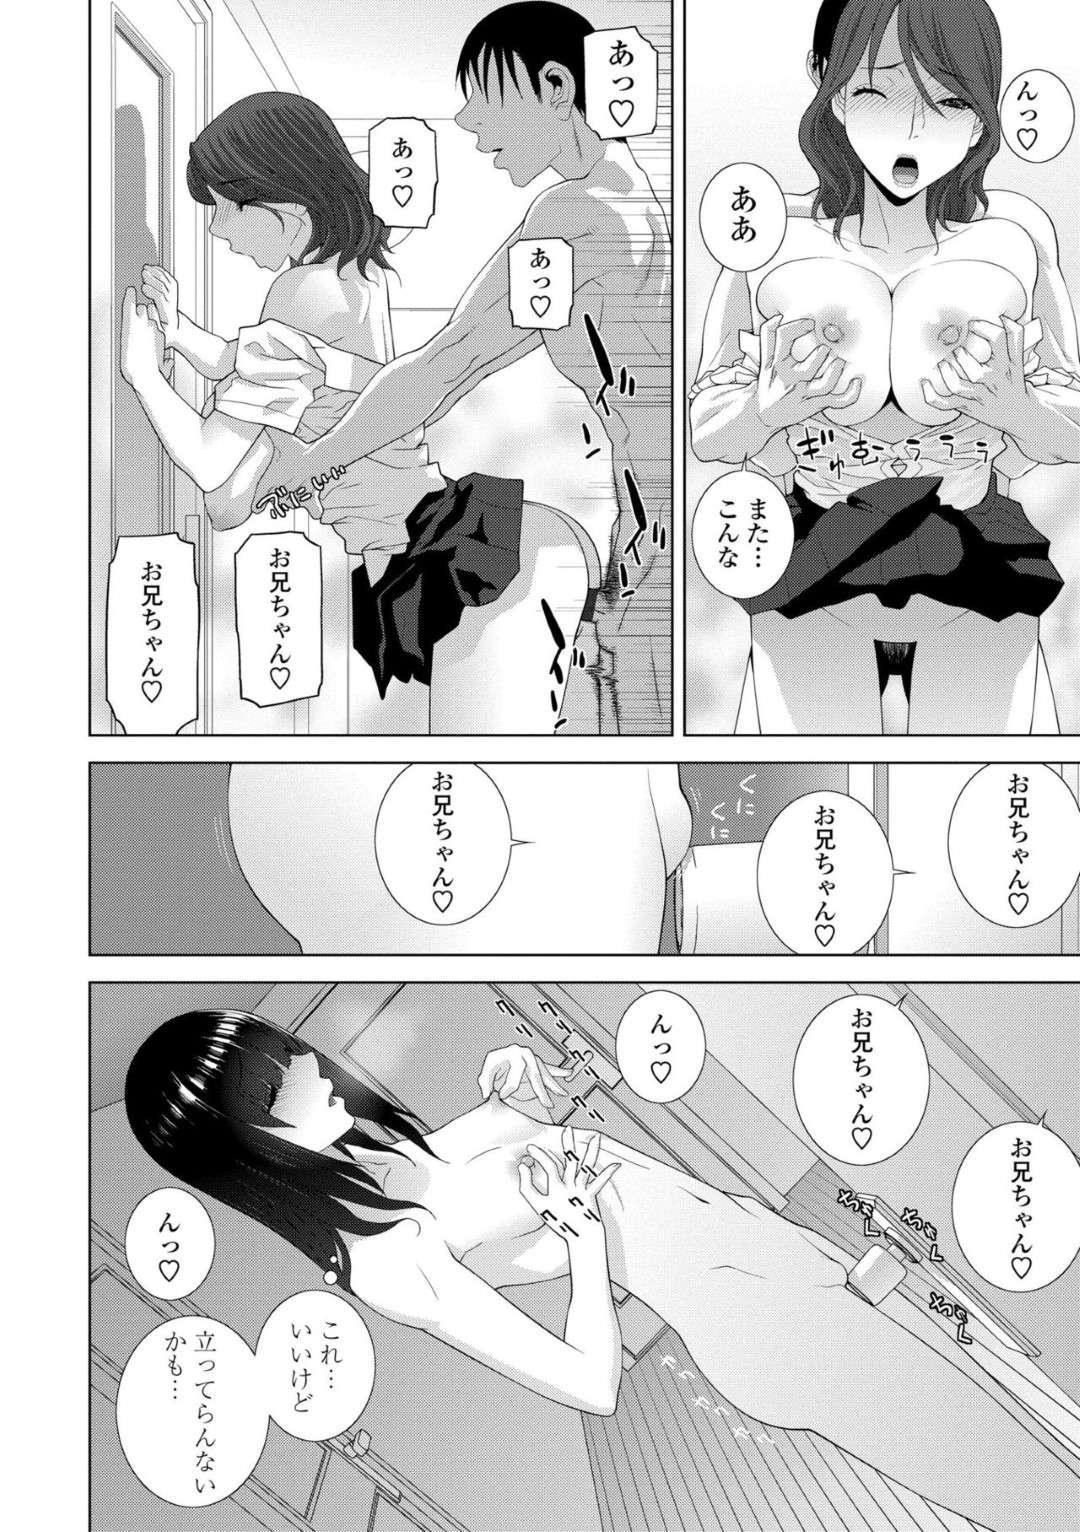 【エロ漫画】娘がない間に主人公とこっそりセックスする義母…欲求不満な彼女は手マンや乳首責めで感じまくって立ちバックで中出しまでも受け入れてしまうのだった。【志乃武丹英:義妹遺伝子】